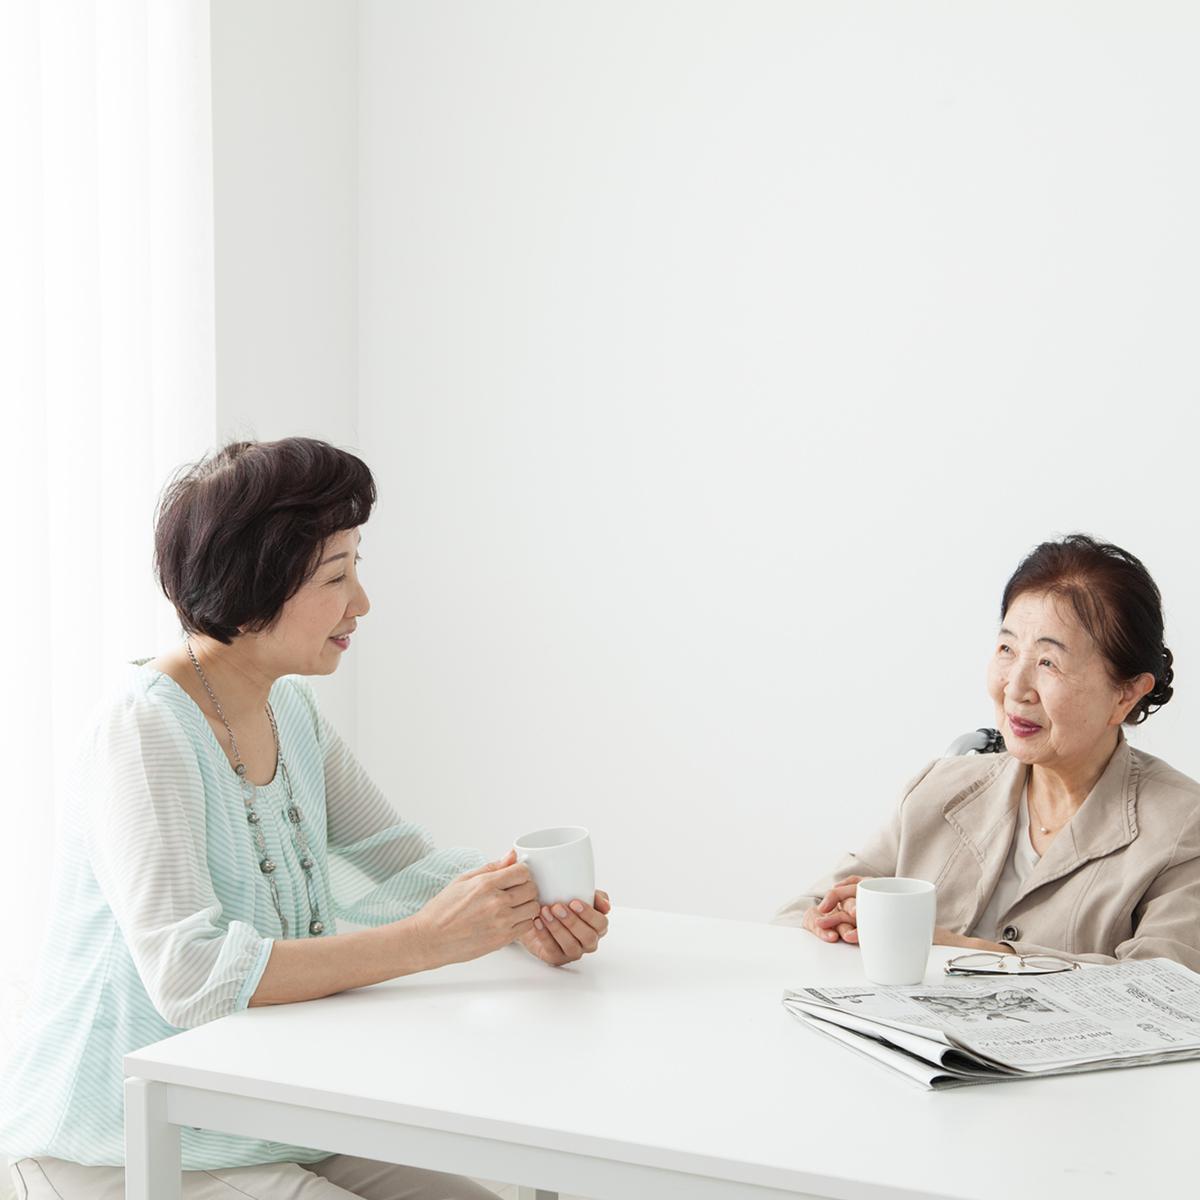 入院、介護、相続の「困った」を防ぐ。親が元気なうちに5つの「お金の話」をしよう